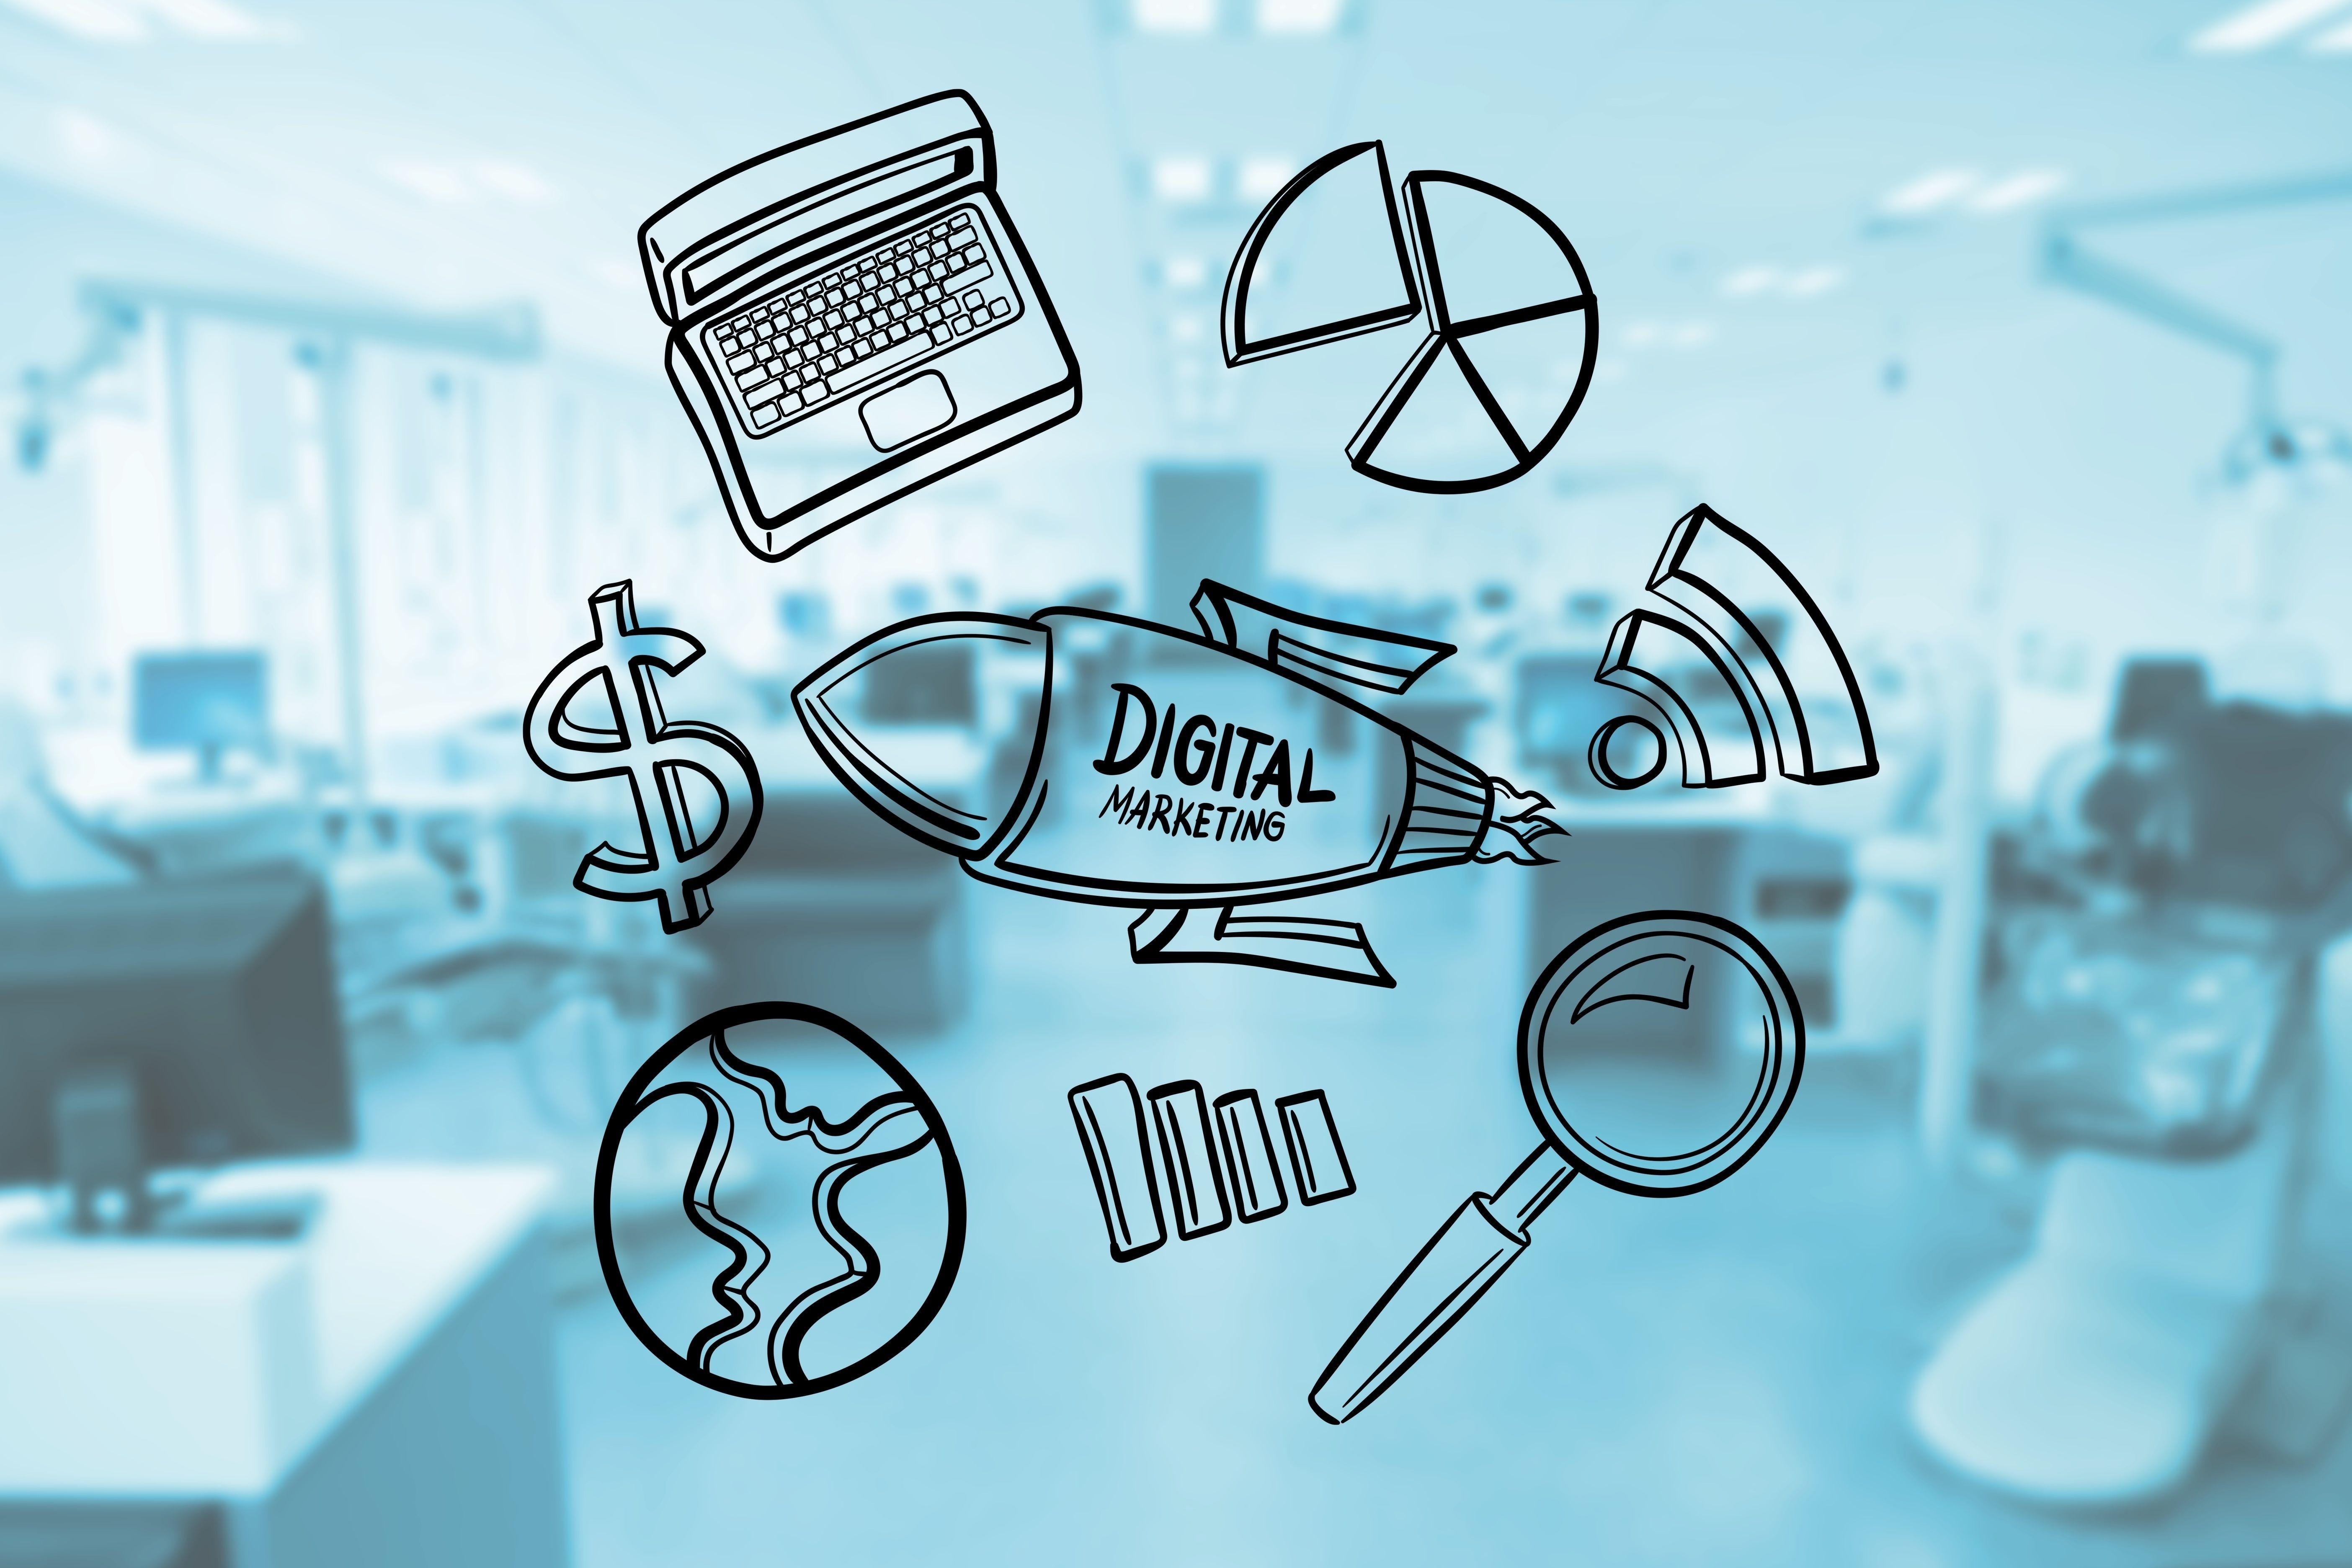 Dental Marketing Company - Dental Marketing Strategy